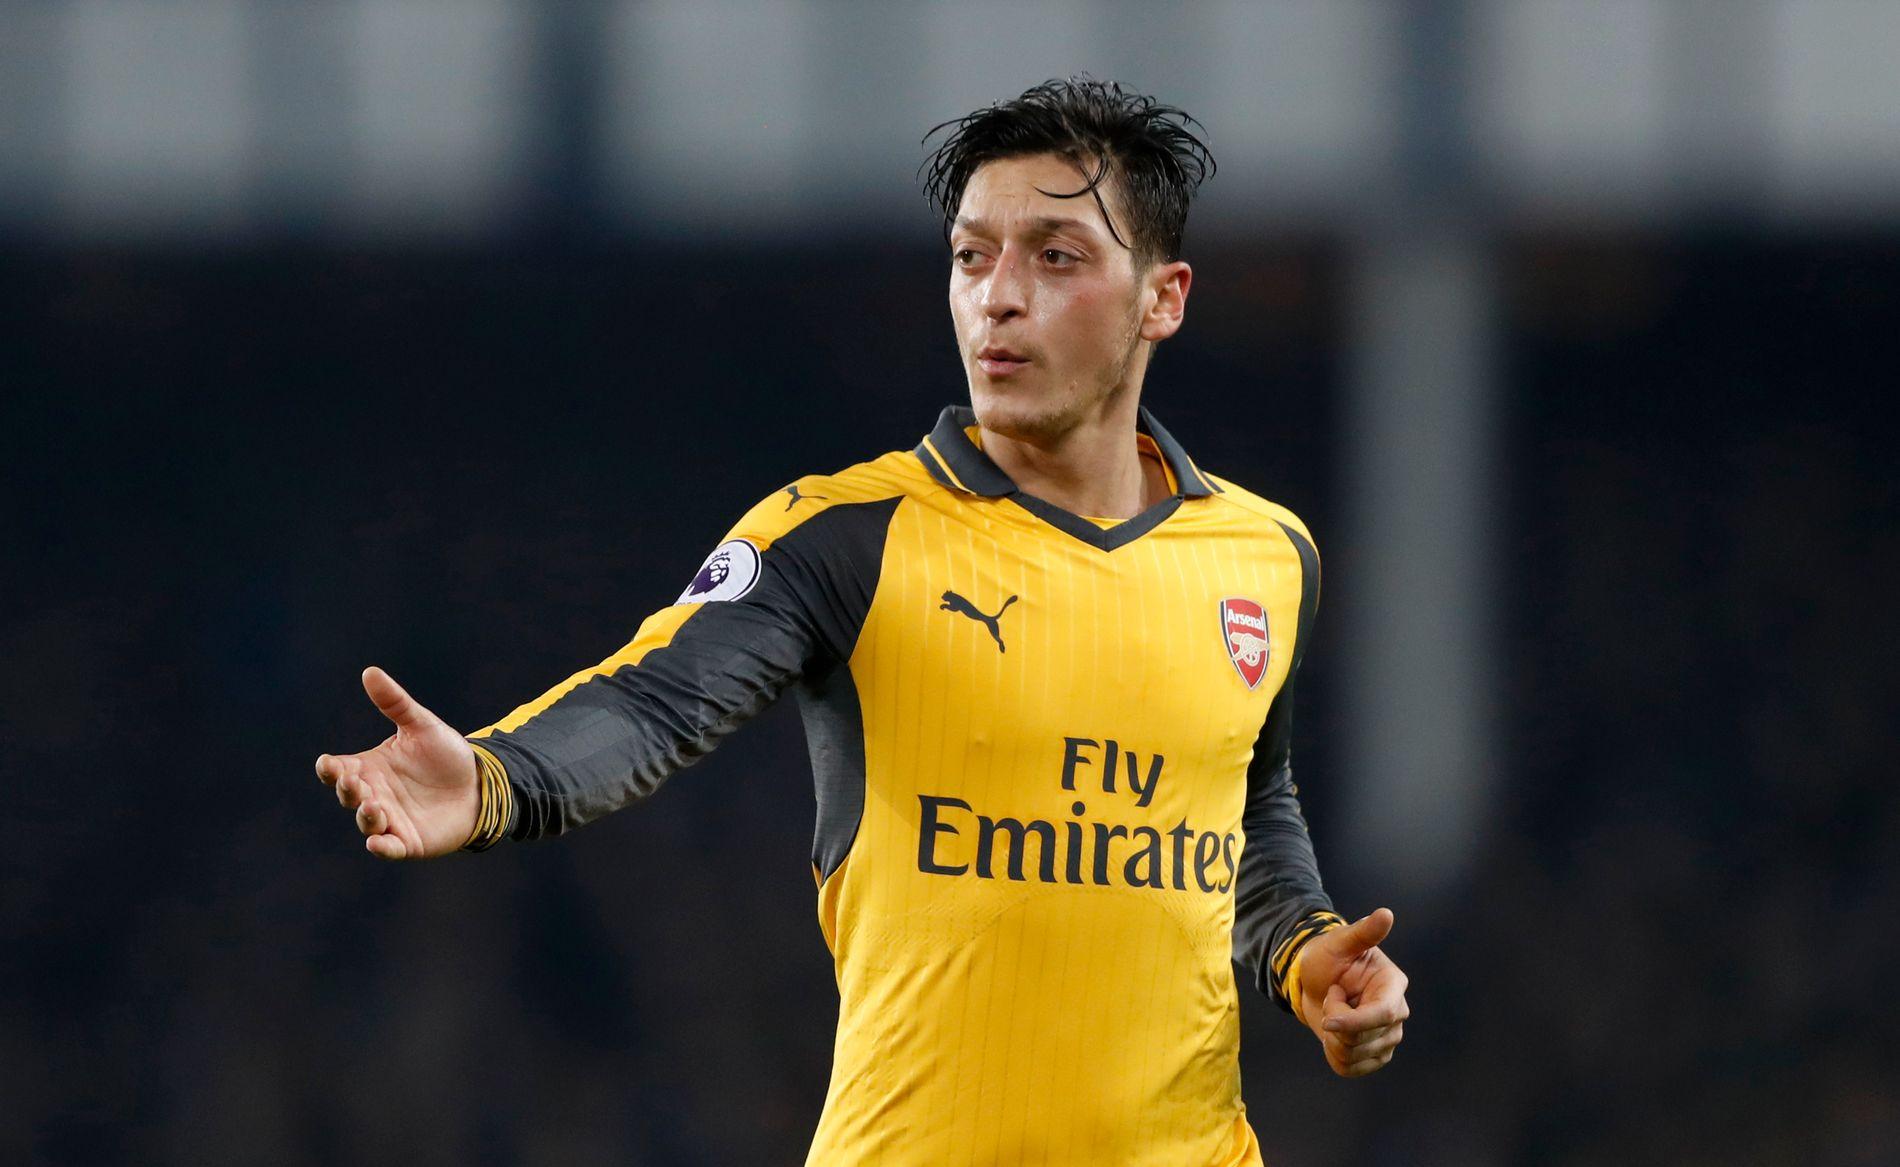 FÅR KRITIKK: Mesut Özil imponerte ingen under kampen mot Manchester City, som endte med 2-1-tap for Arsenal.